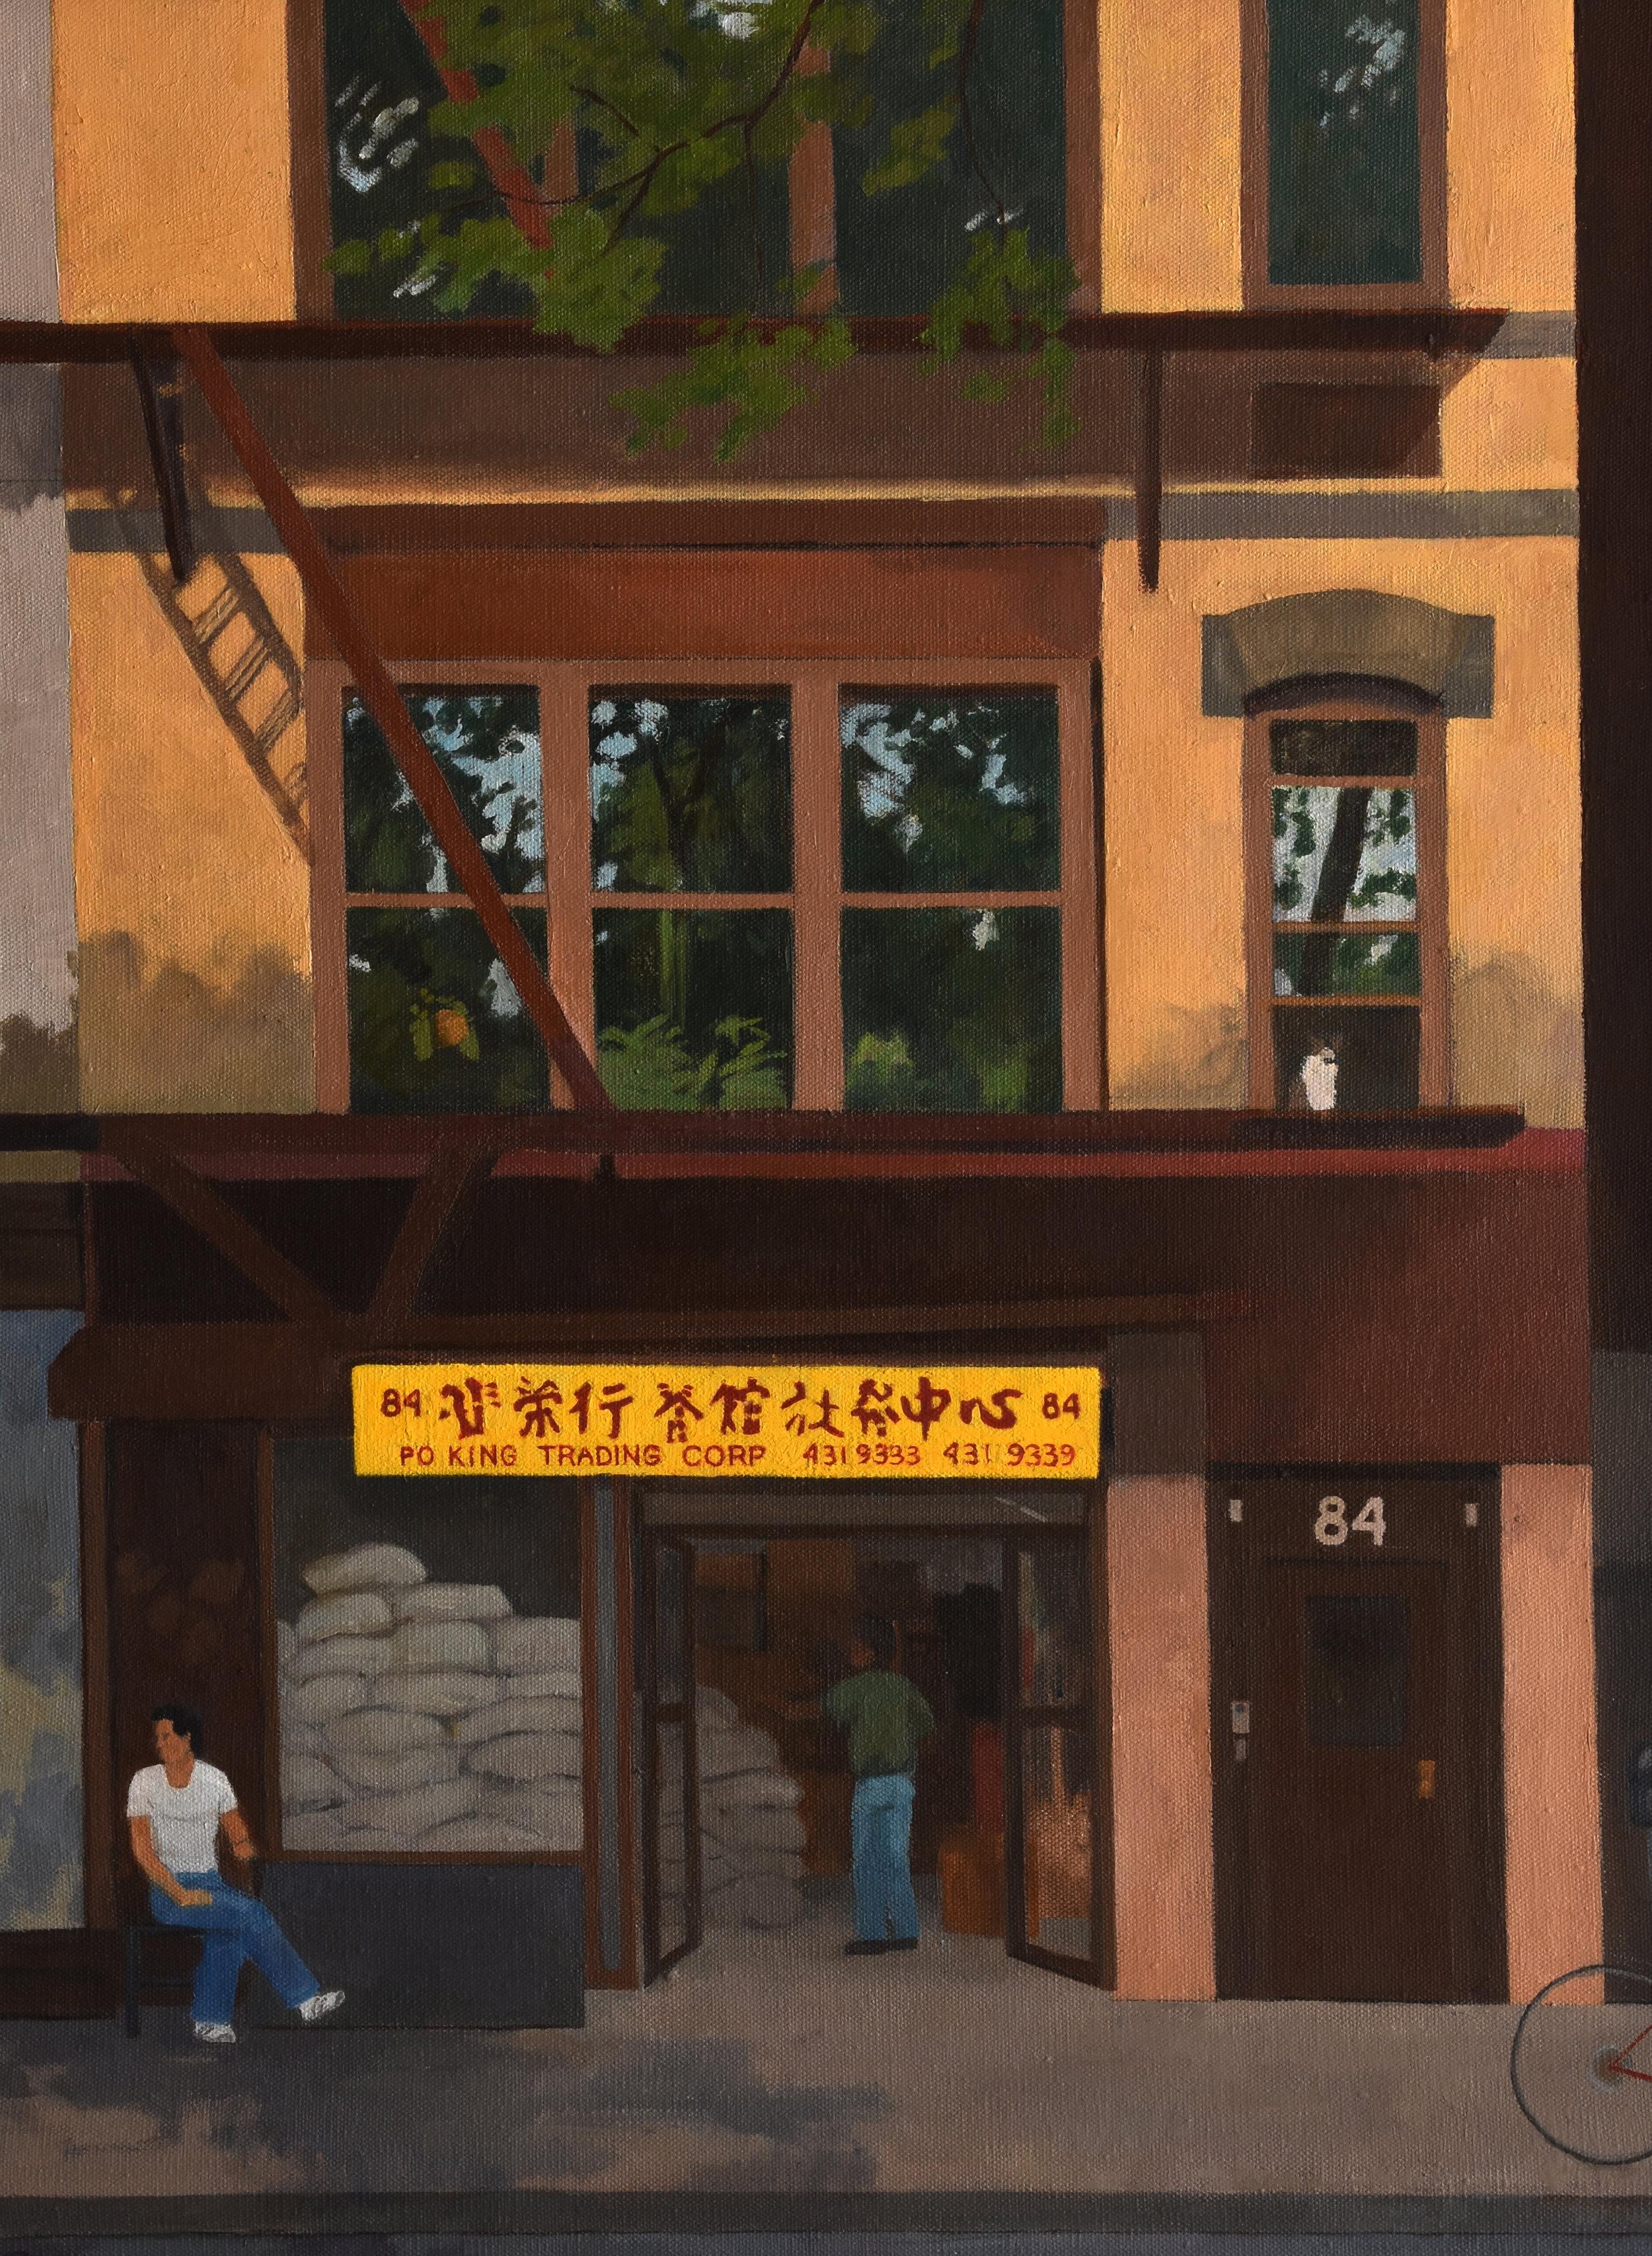 """84 Forsyth Street, oil on canvas, 24"""" x 18"""""""